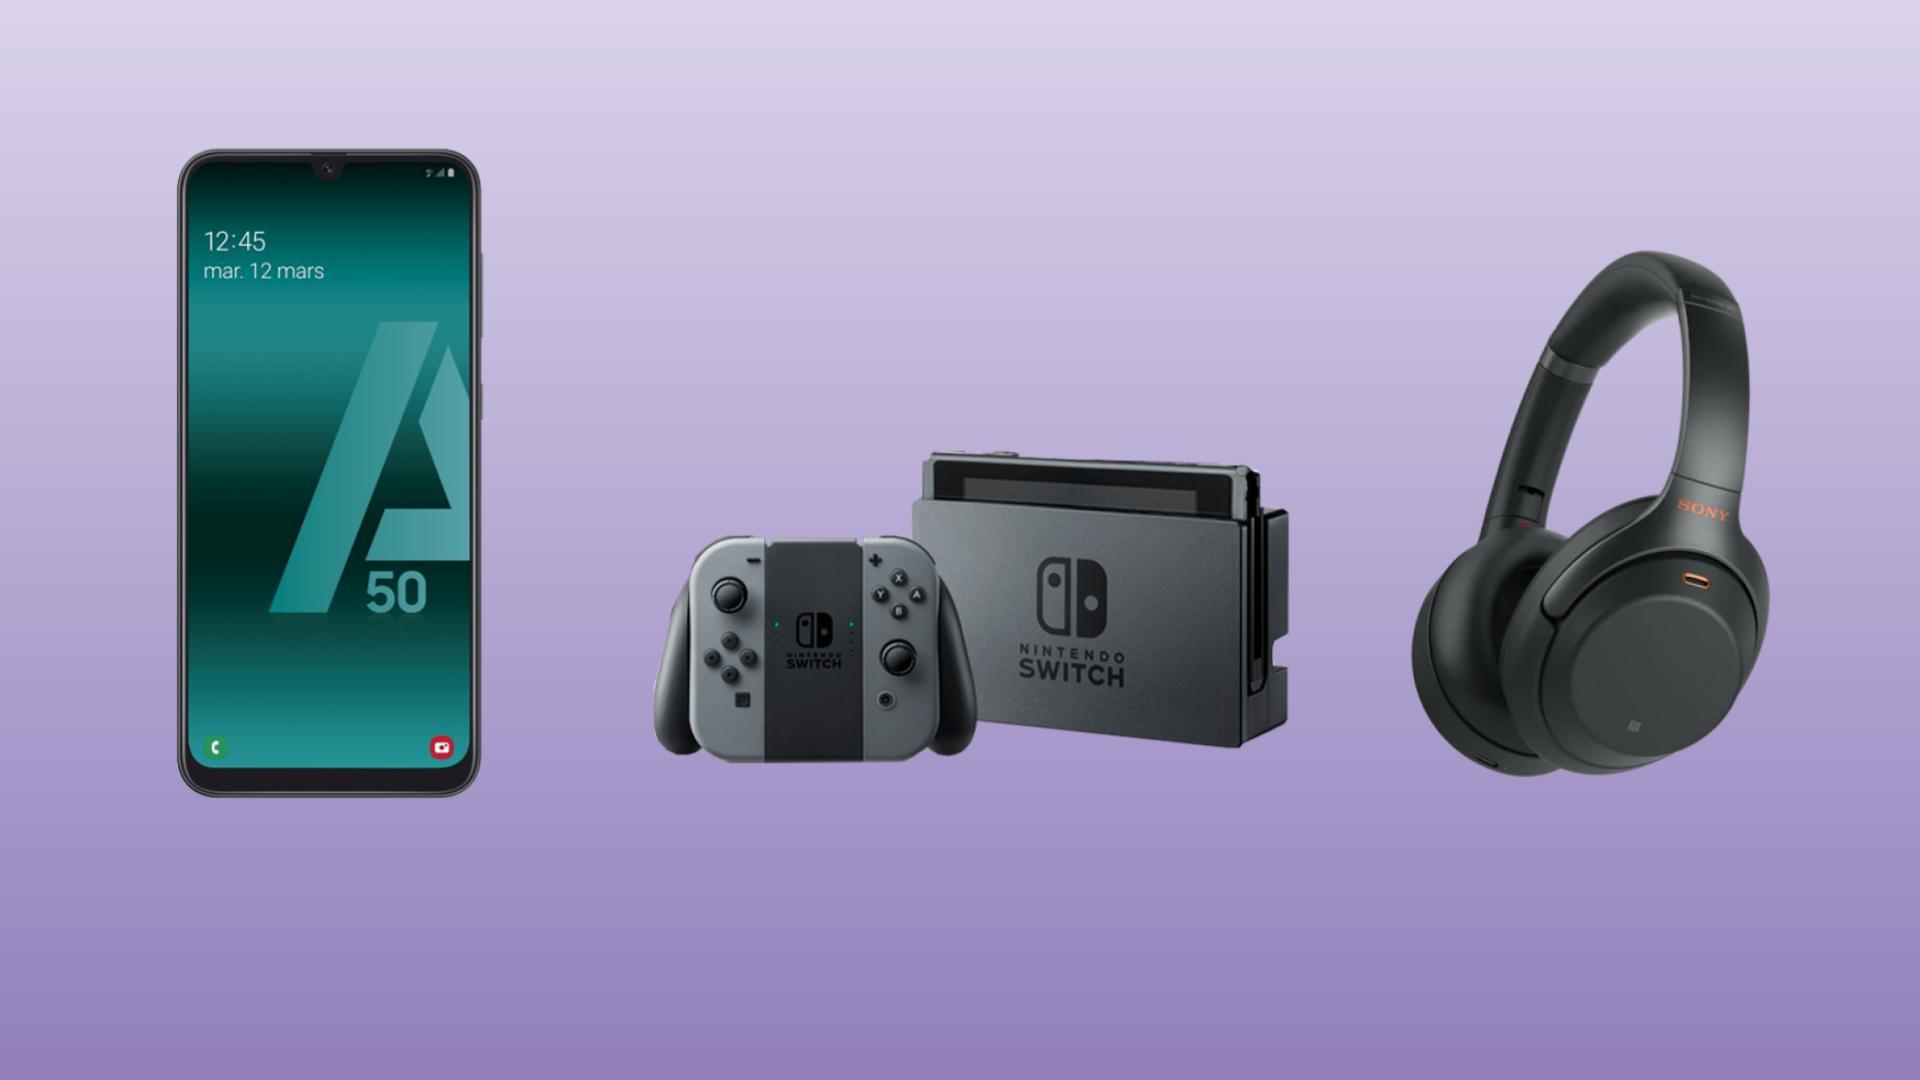 Samsung Galaxy A50 à 258 euros, Nintendo Switch à 272 euros et Sony WH-1000XM3 à 254 euros